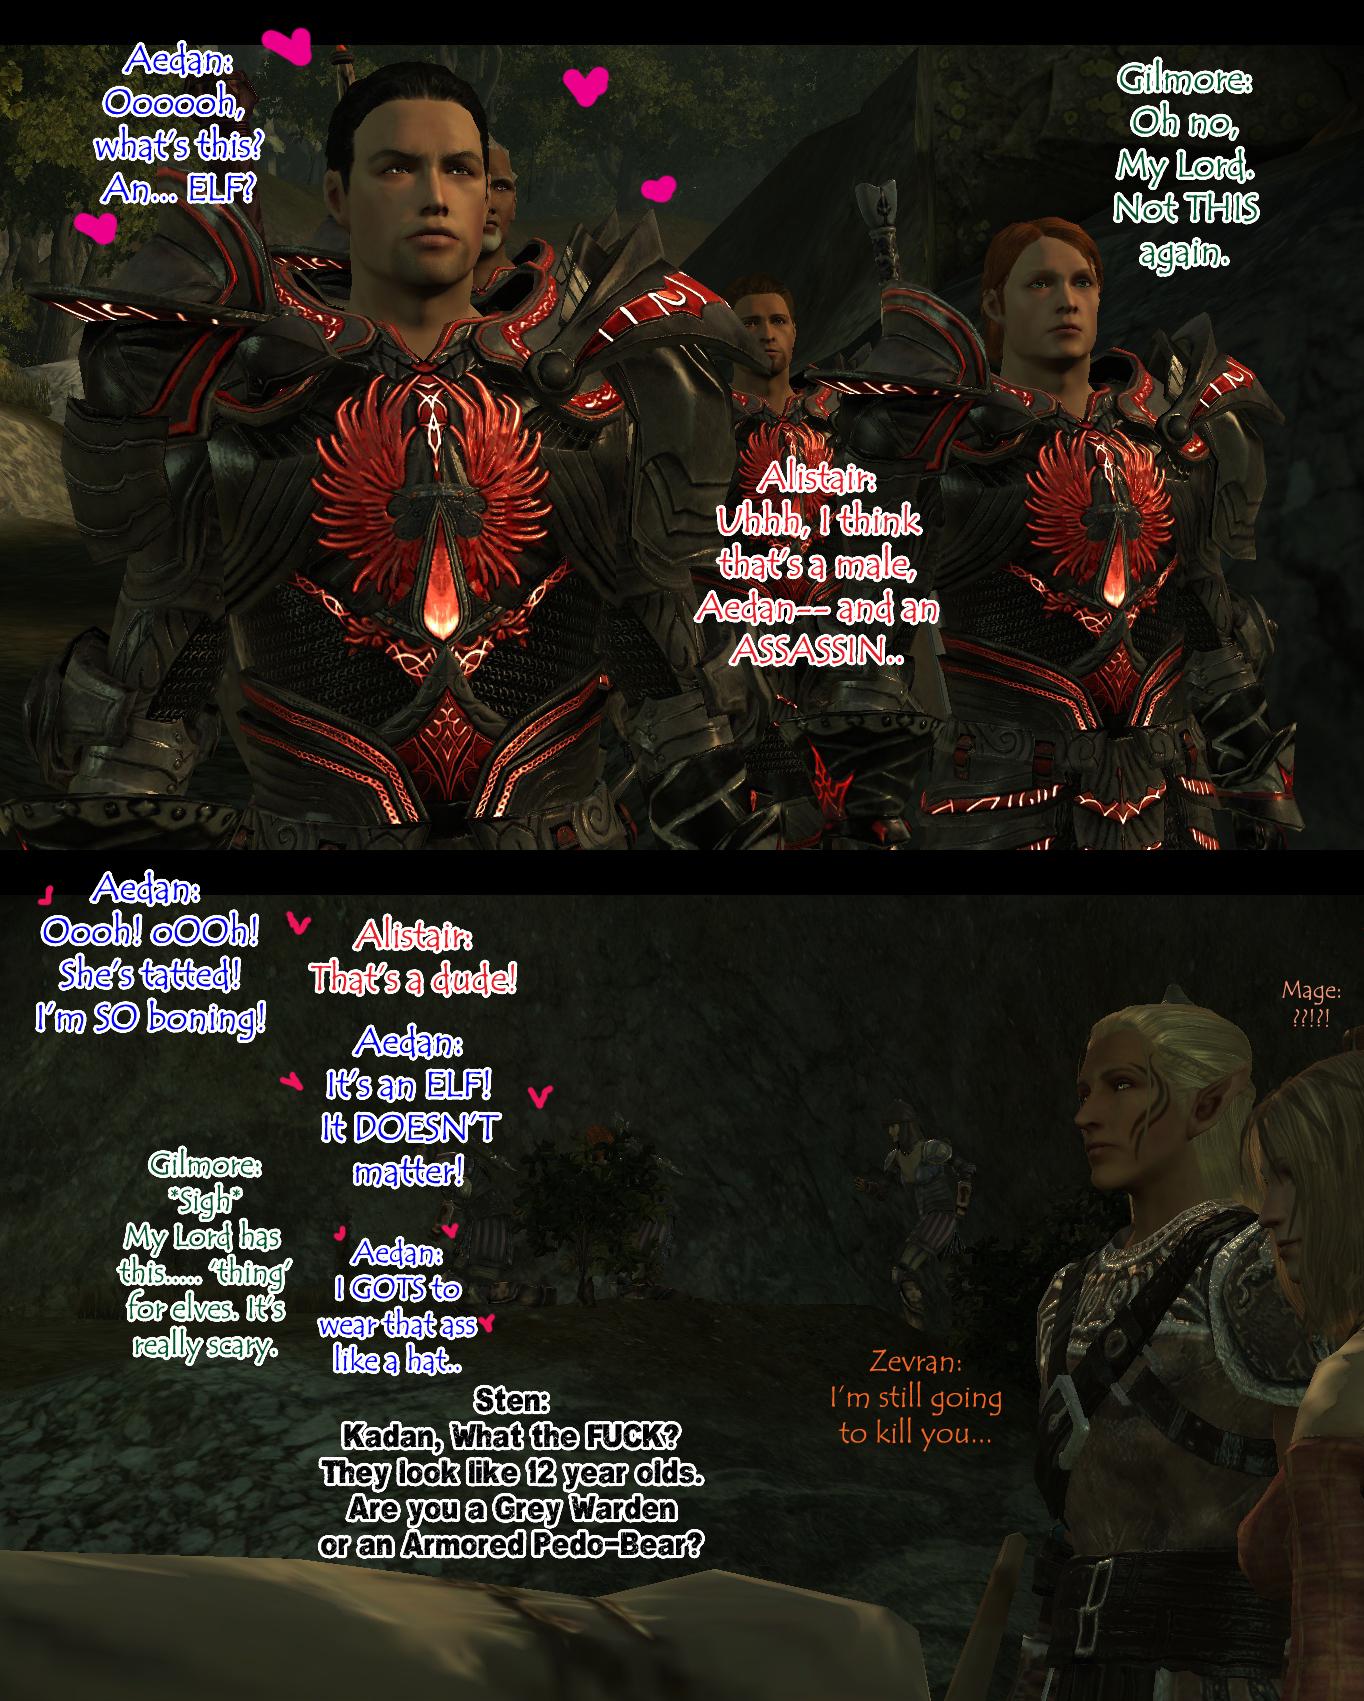 When Aedan met Zevran by Frigidchick